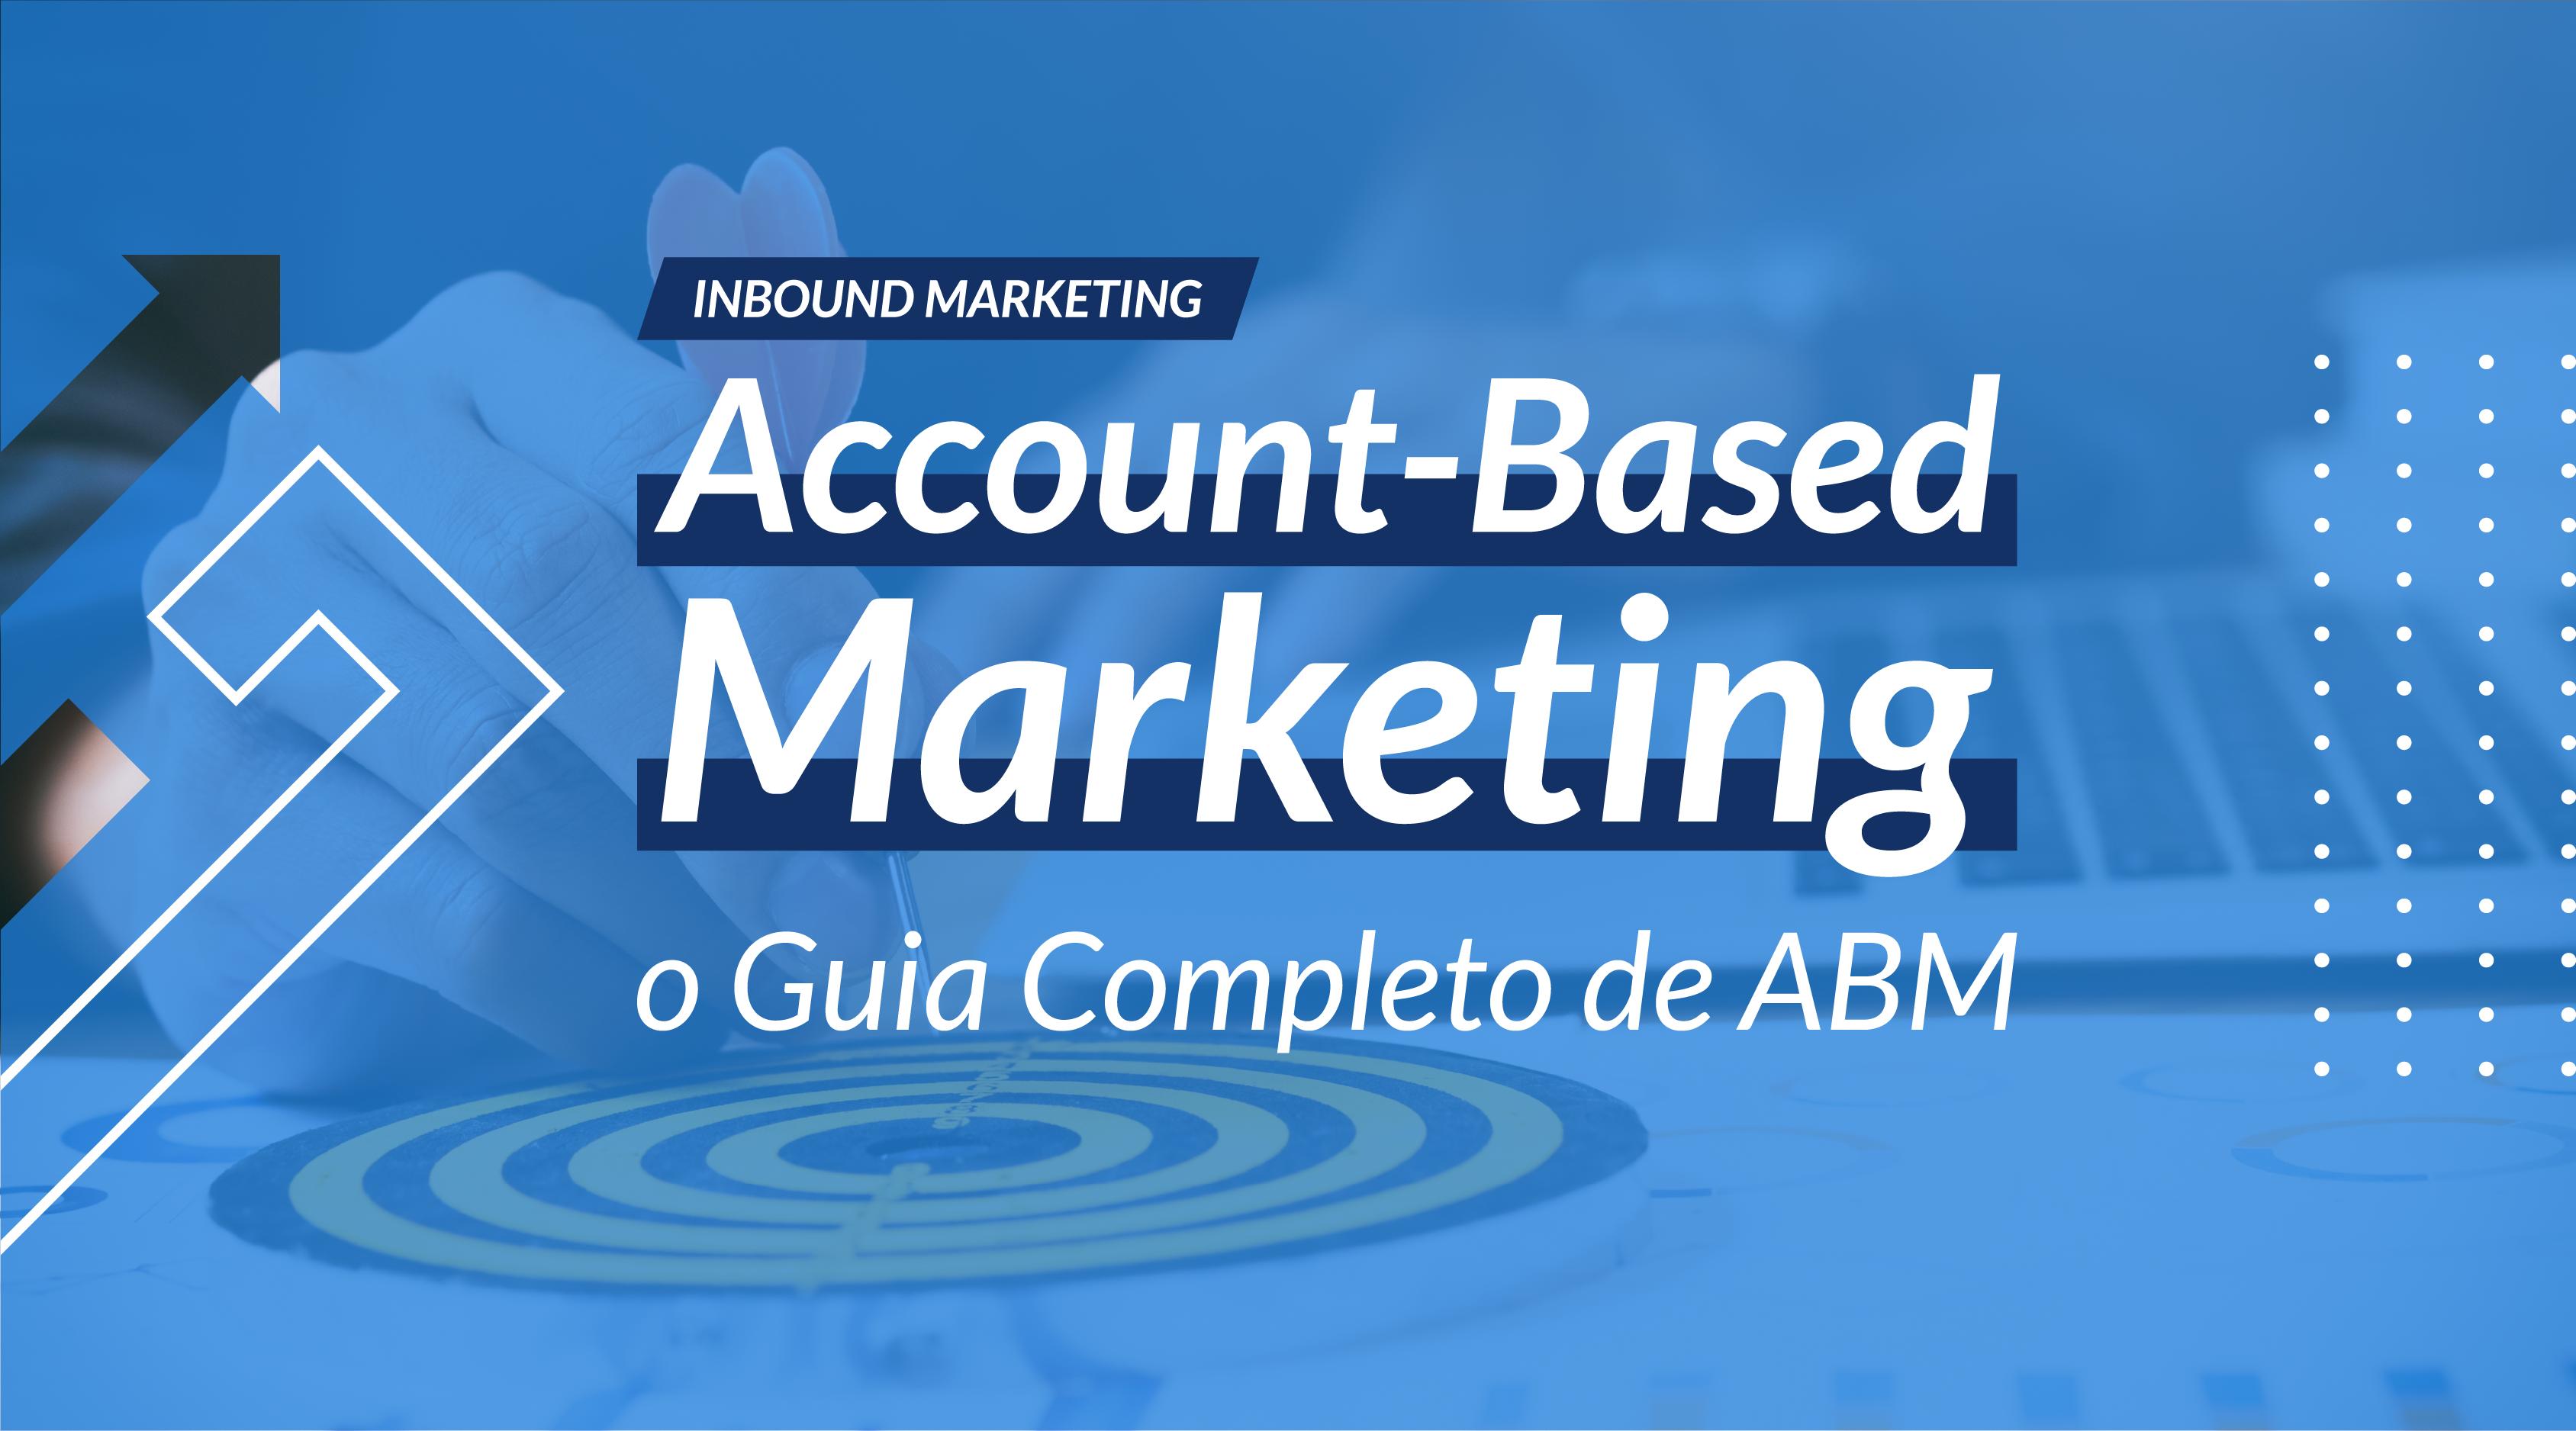 Account-Based Marketing: o Guia Completo de ABM